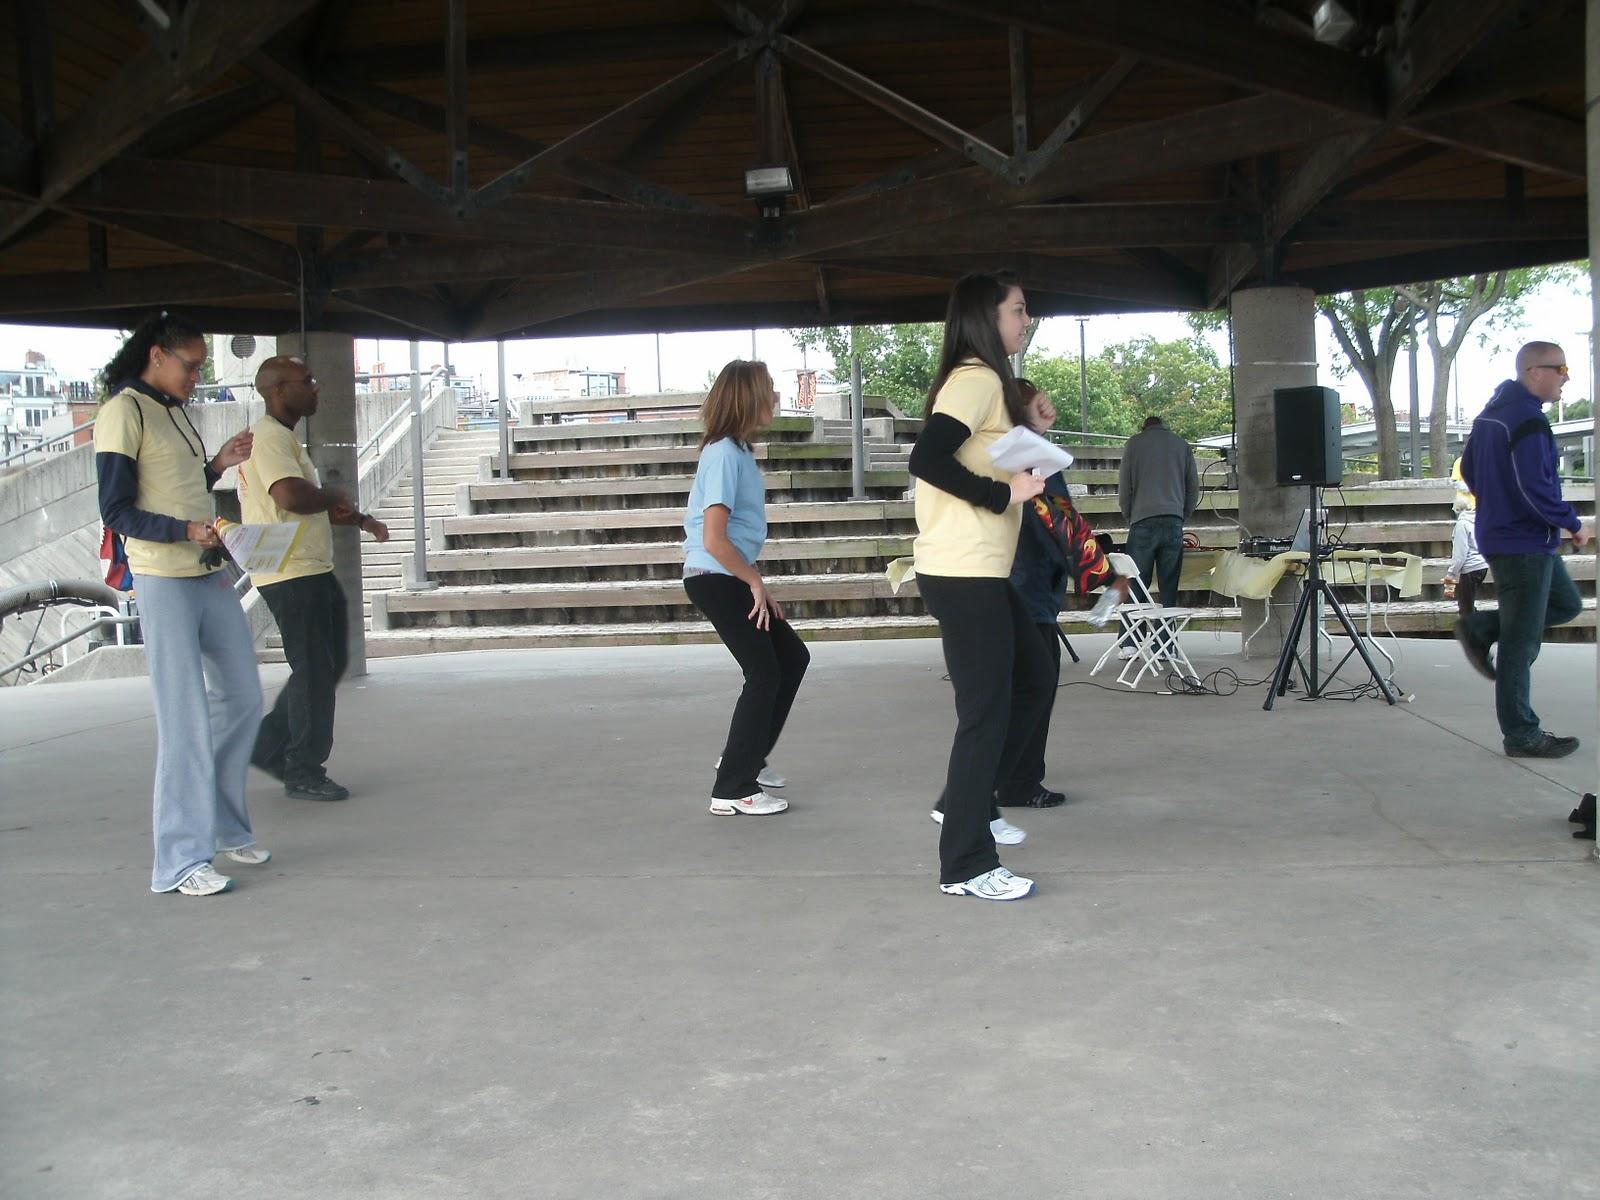 http://2.bp.blogspot.com/-9tfwKrcy_T8/TnkRJHJS9bI/AAAAAAAAAPY/mnZ-qtfWCTA/s1600/Baltimore%2B2011%2B018.JPG